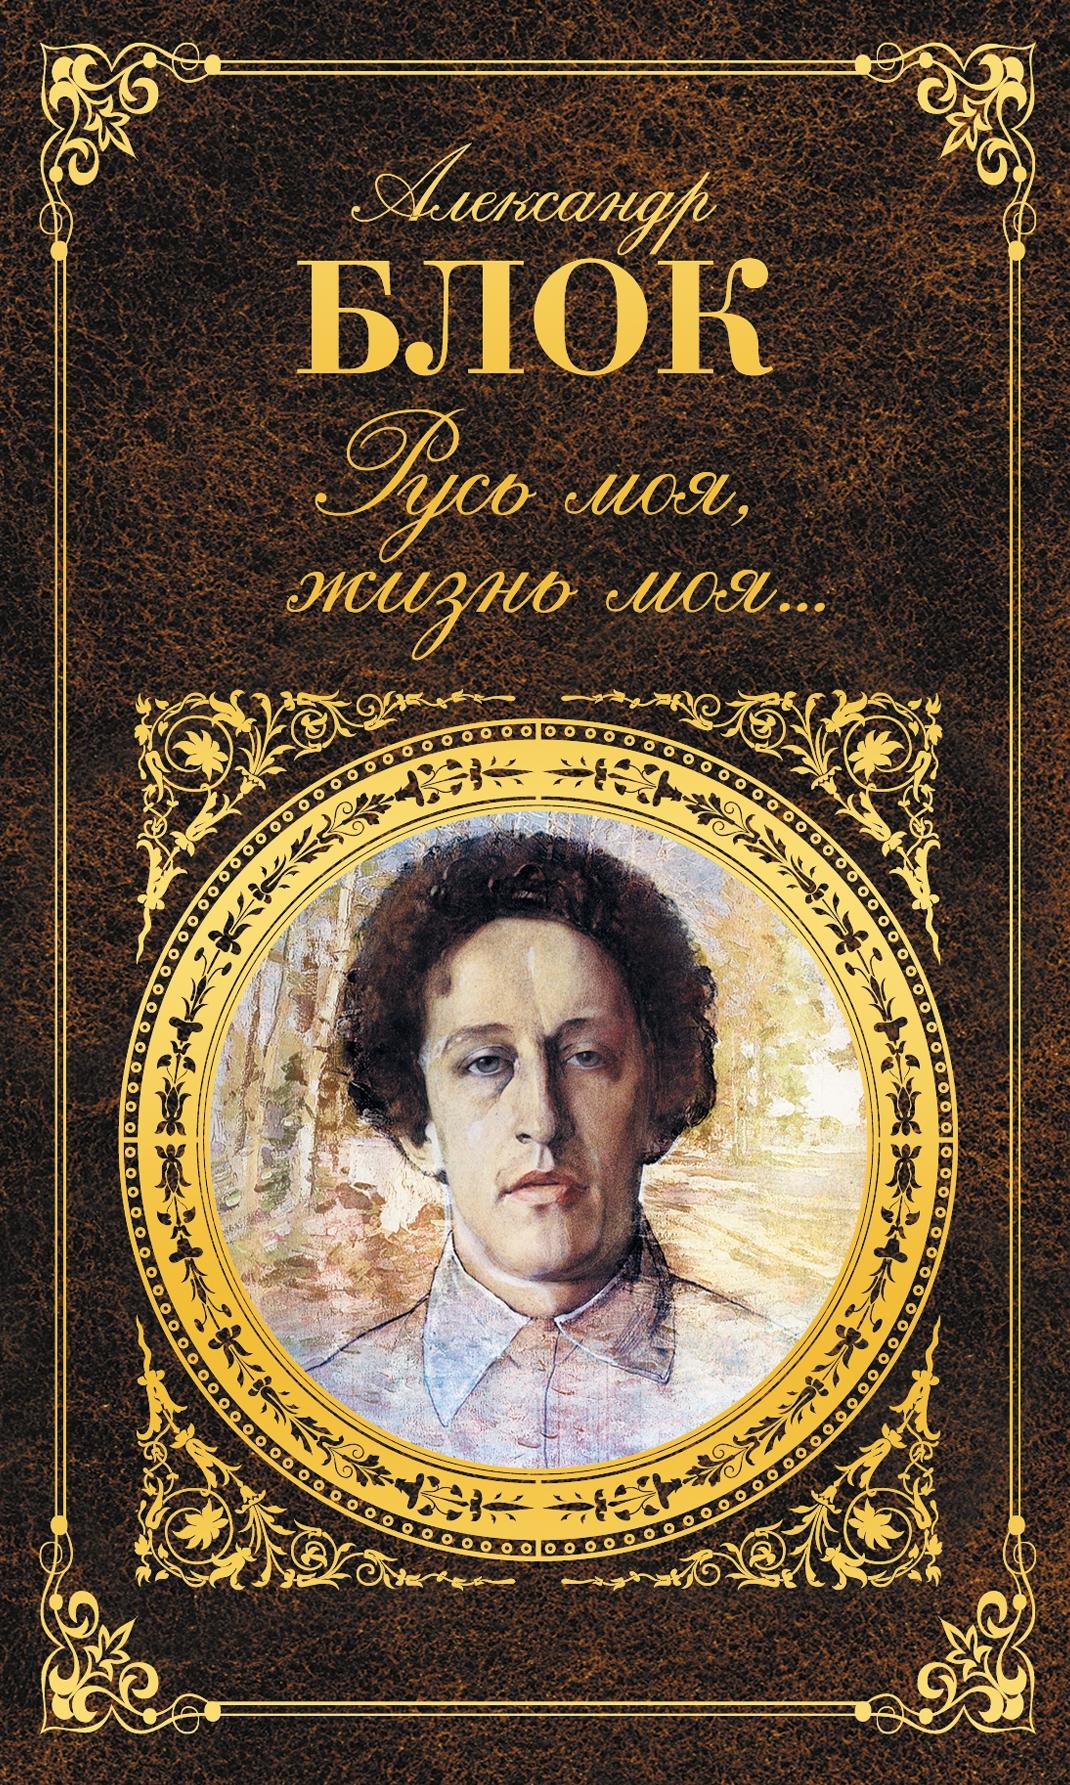 Александр Блок Русь моя, жизнь моя… цена